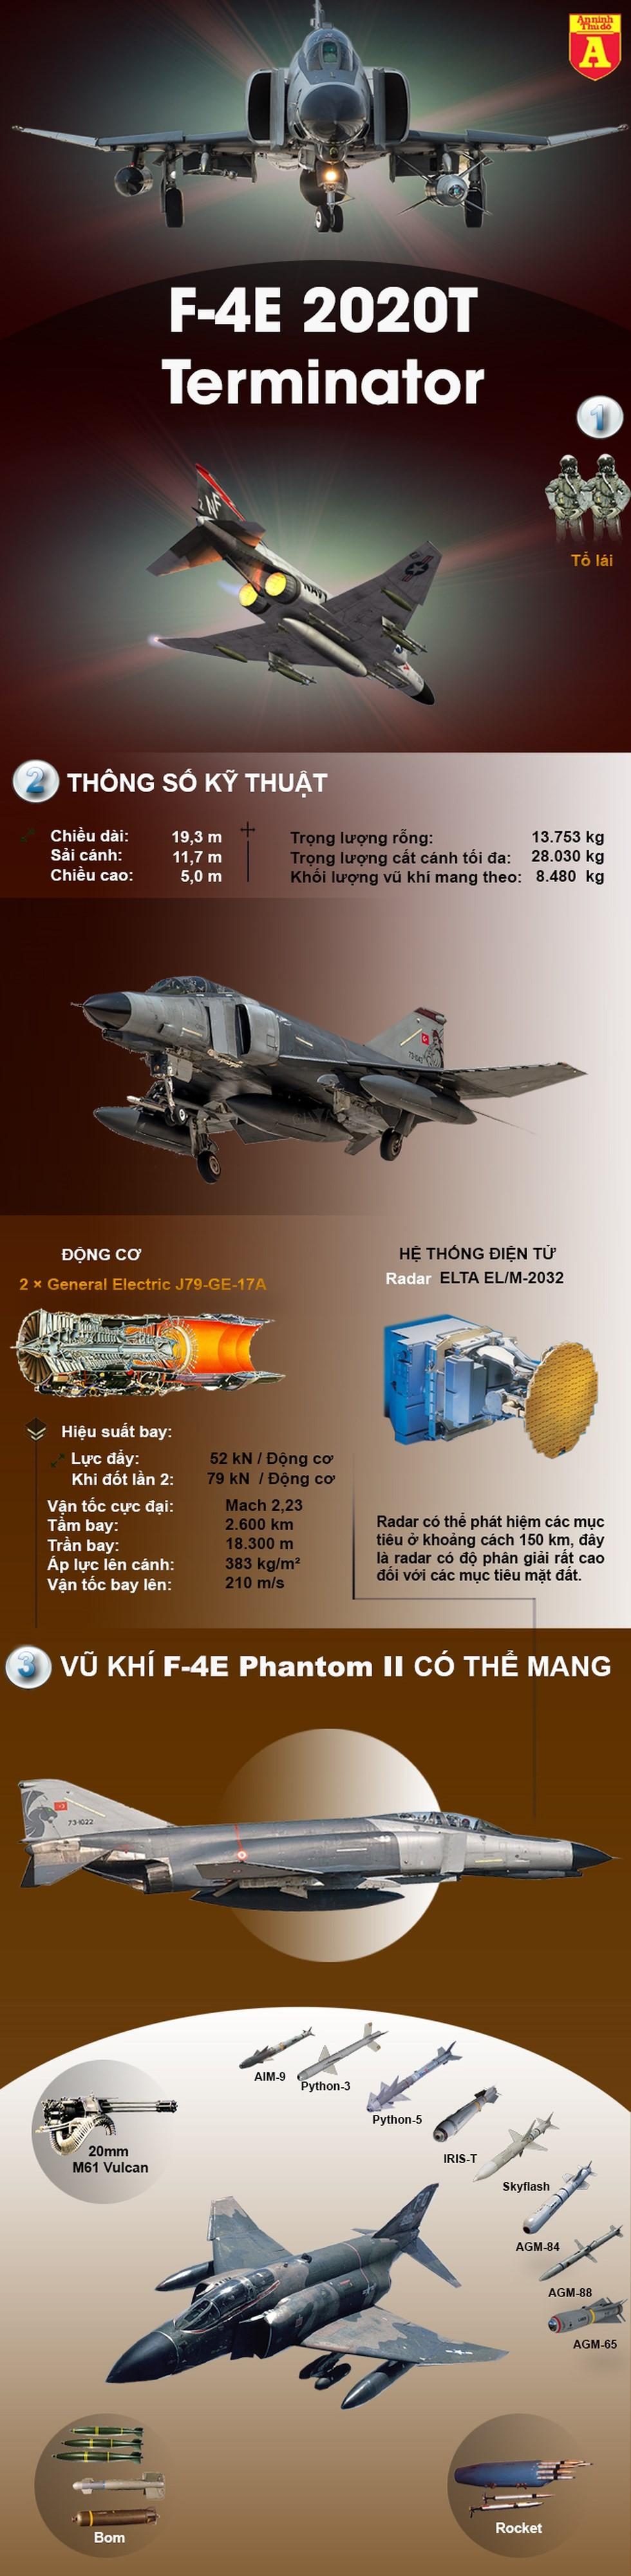 """[Info] Từ """"con ma"""" biến thành """"kẻ hủy diệt"""" Su-27, Israel đã làm gì với tiêm kích F-4 Mỹ? ảnh 2"""